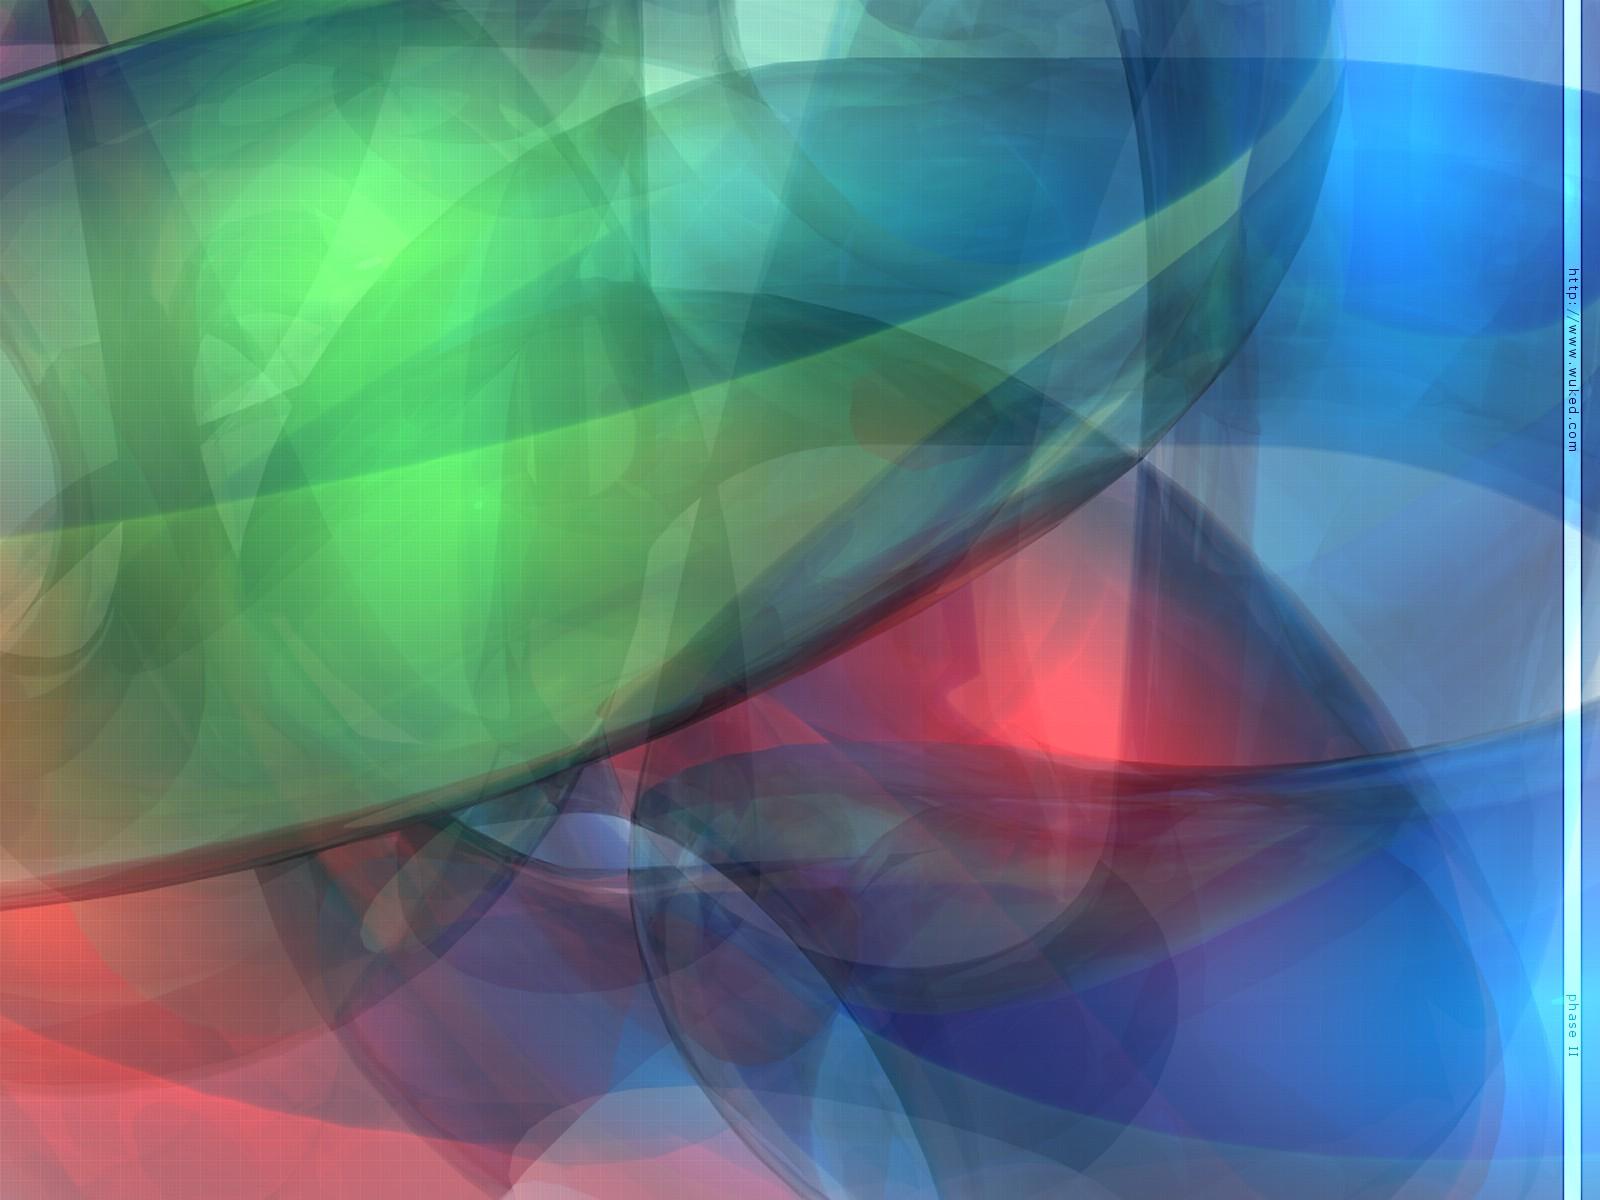 http://2.bp.blogspot.com/_1eqZ2PvXg3c/S9pw8Bt9dAI/AAAAAAAAK6c/limq2Rl3z0A/s1600/digital-wallpaper019.jpg